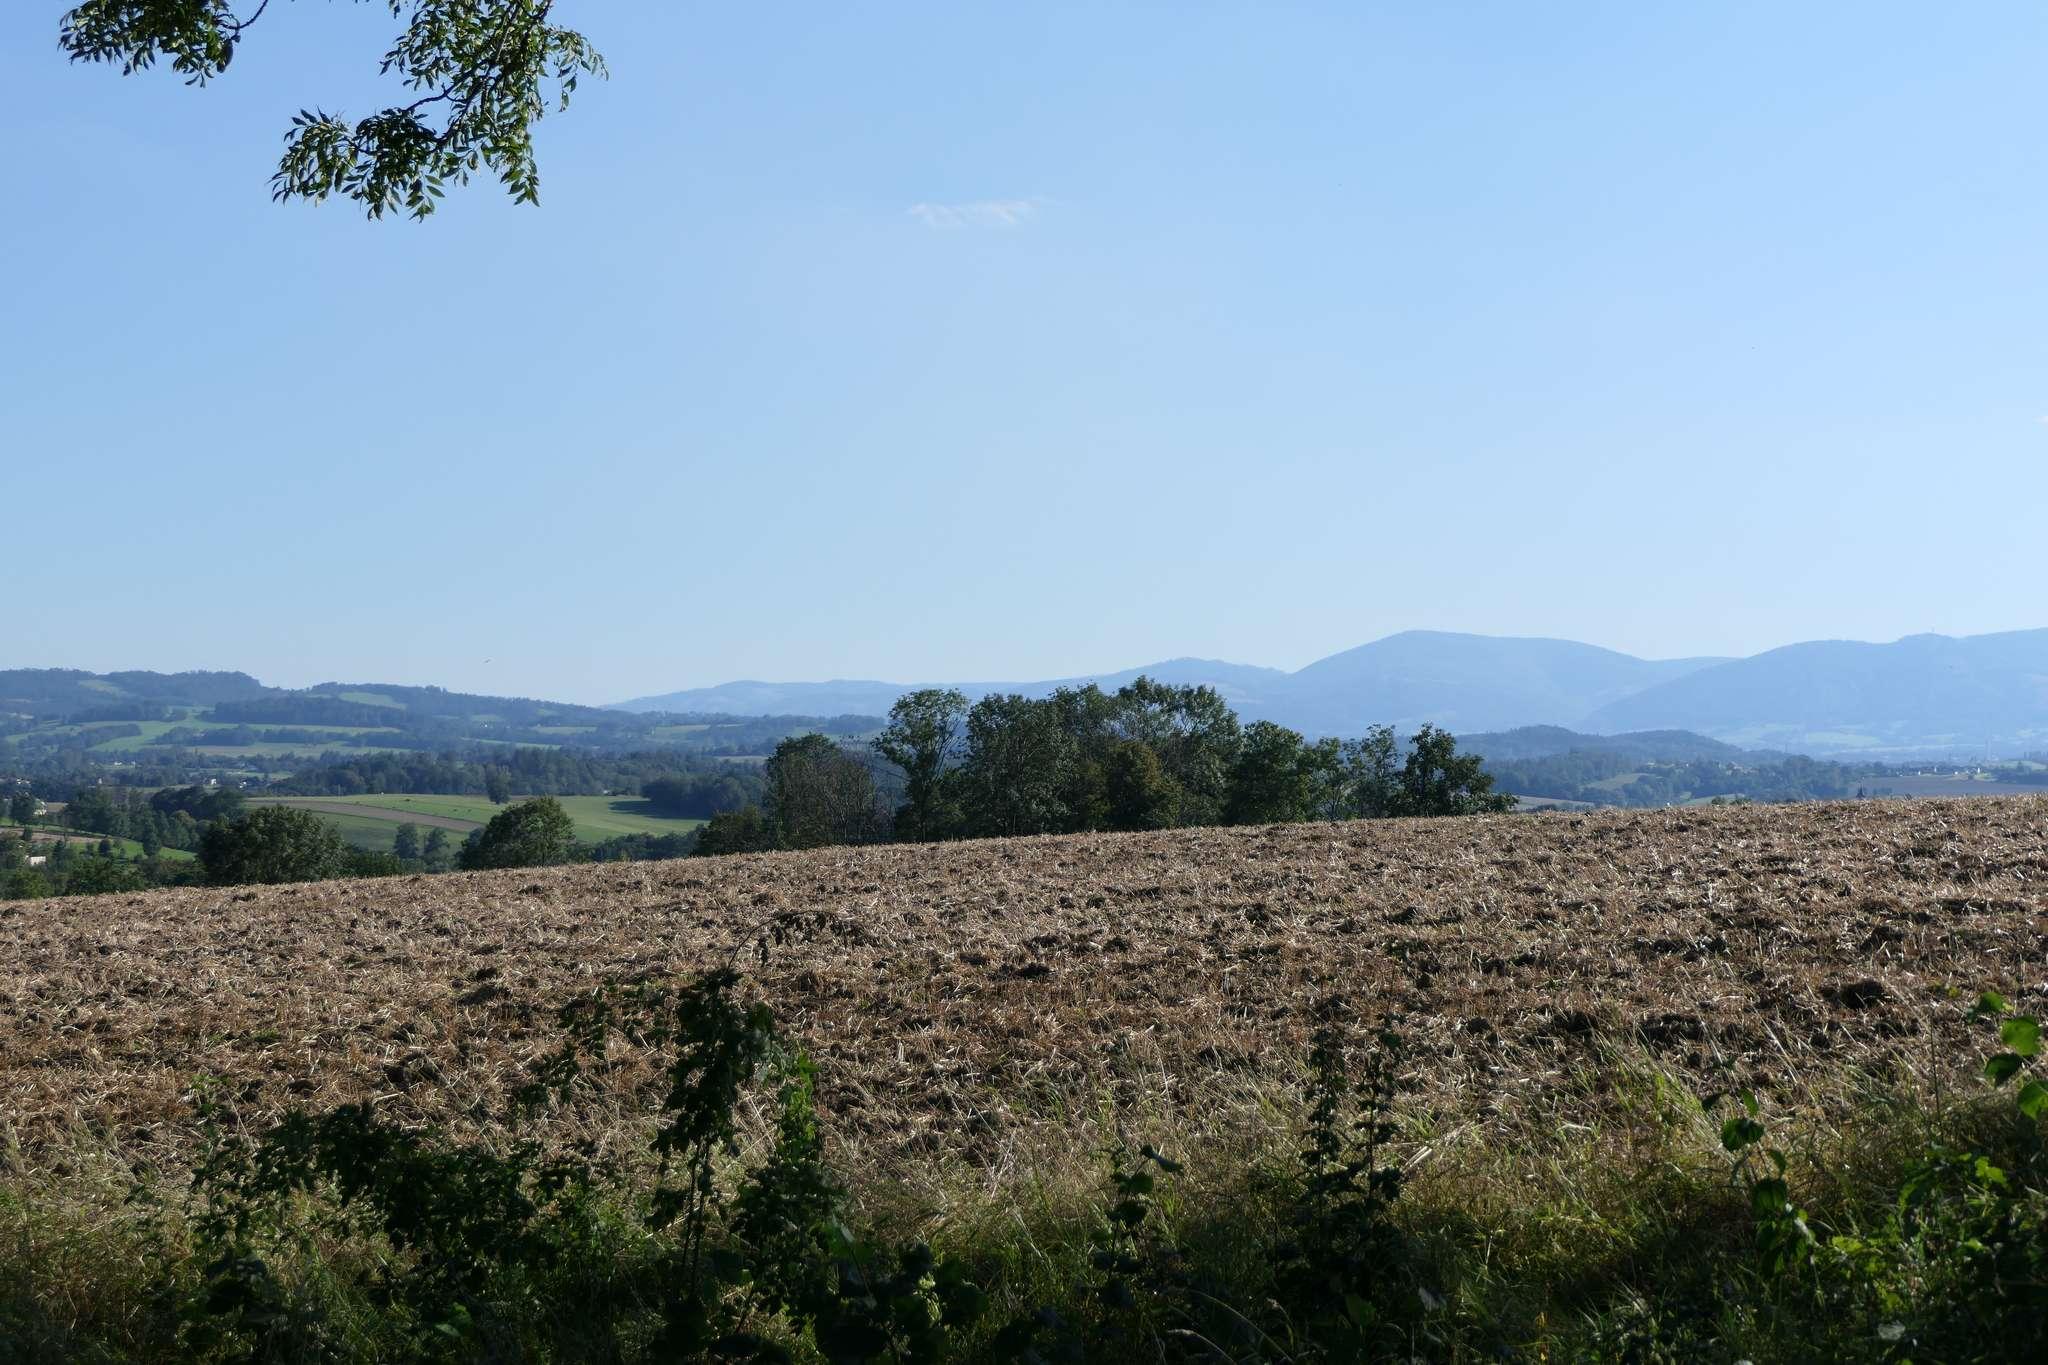 Okolice ul. Wichrowej to głównie pola uprawne, dzięki czemu wokół roztaczają się rozległe widoki.